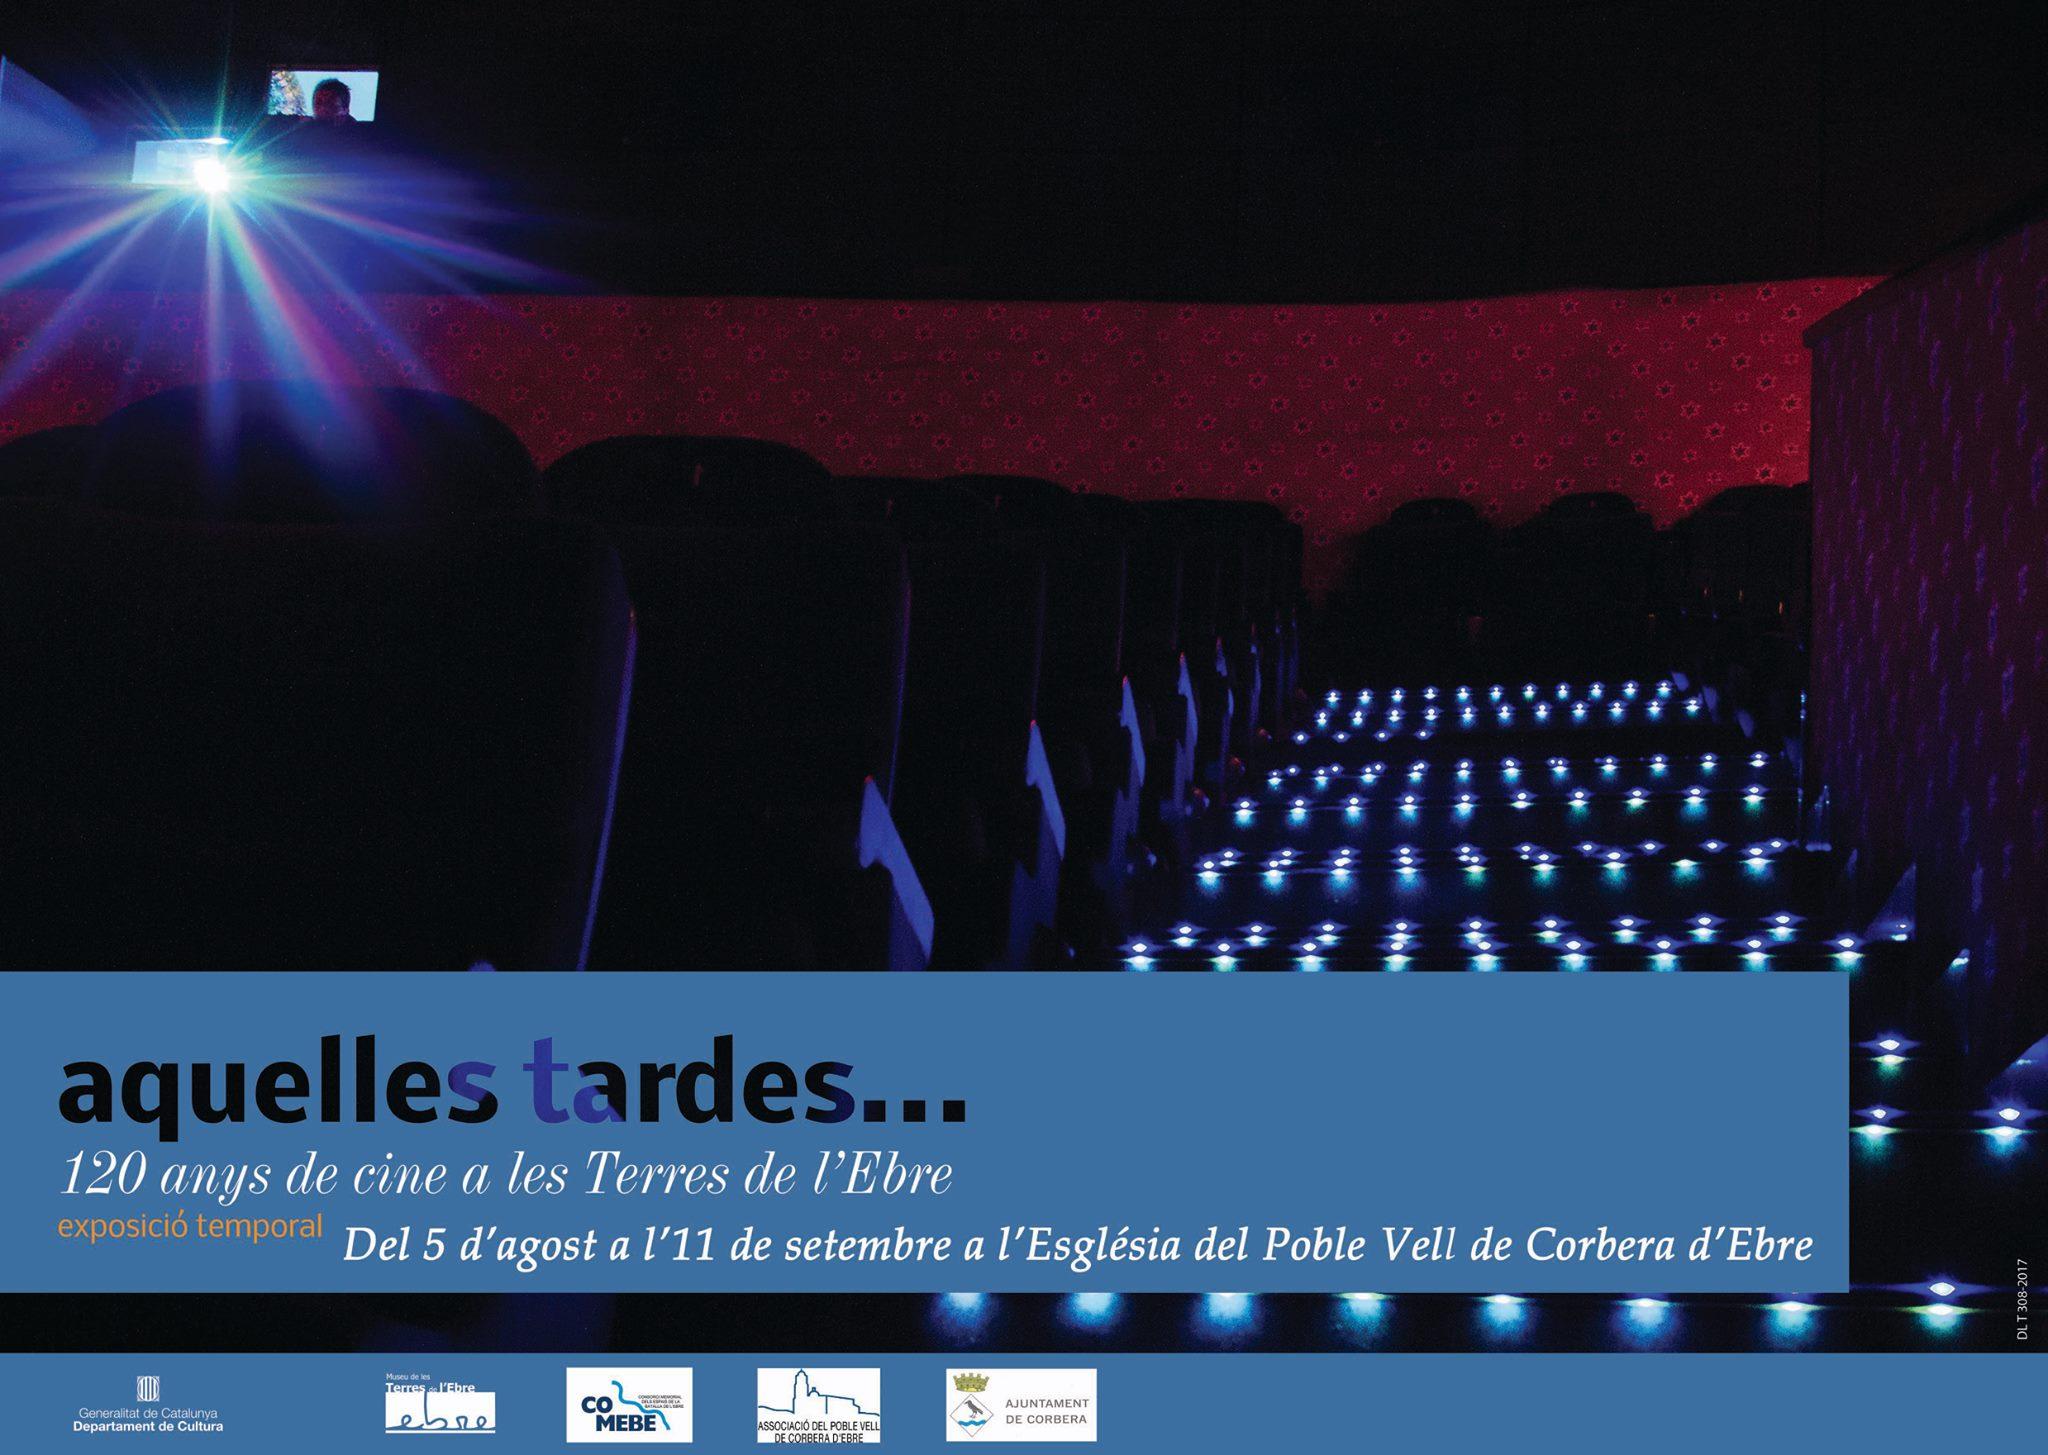 """Museu de les Terres de l´Ebre : agenda : Exposició """"Aquelles tardes... 120 anys de cine a les Terres de l'Ebre"""""""